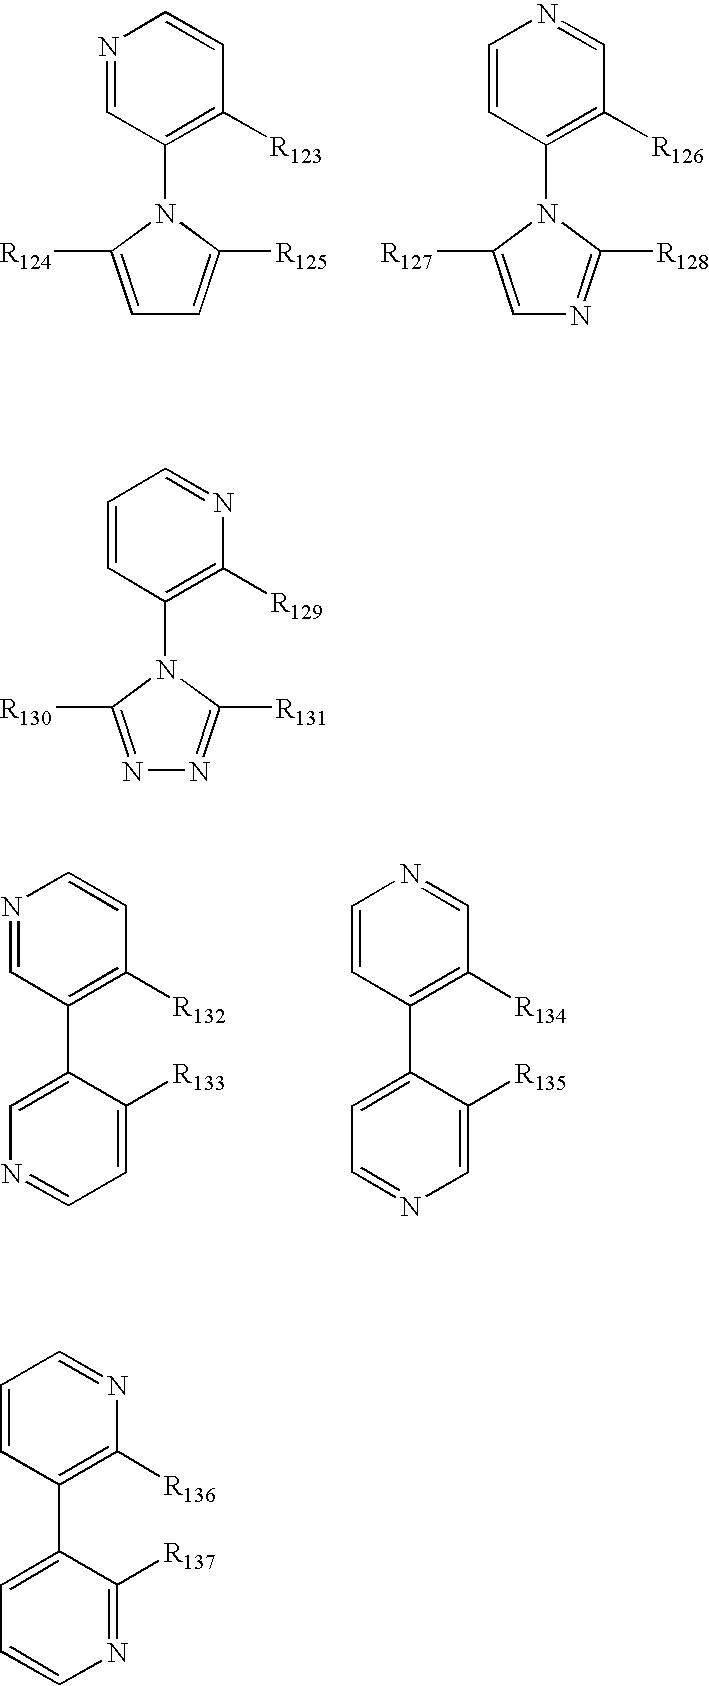 Figure US20040062951A1-20040401-C00019